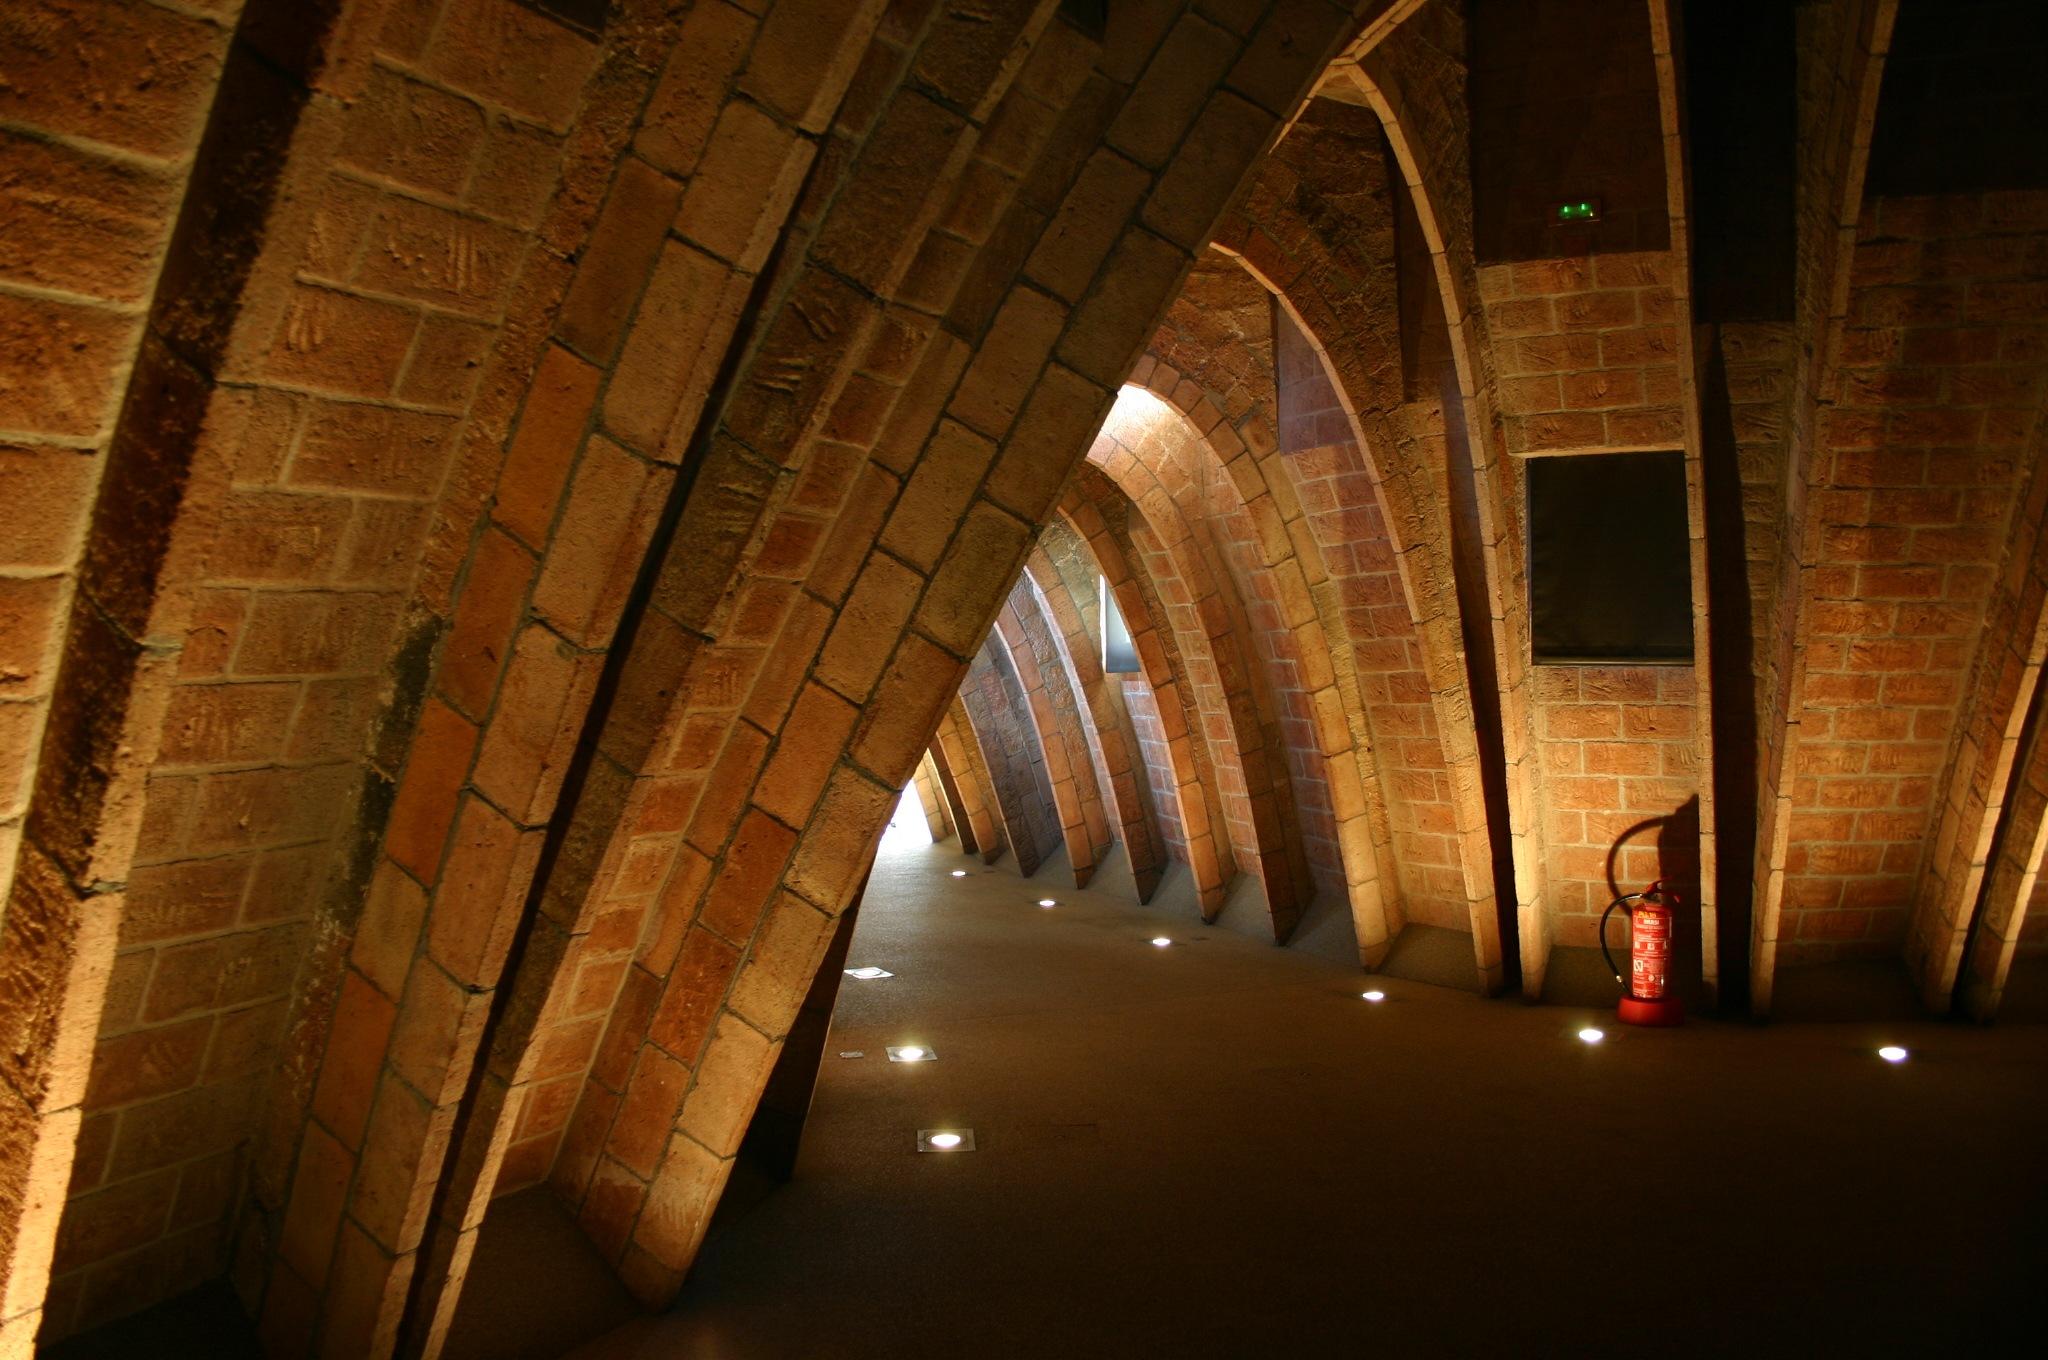 Antoni Gaudí by lanfranco.curi